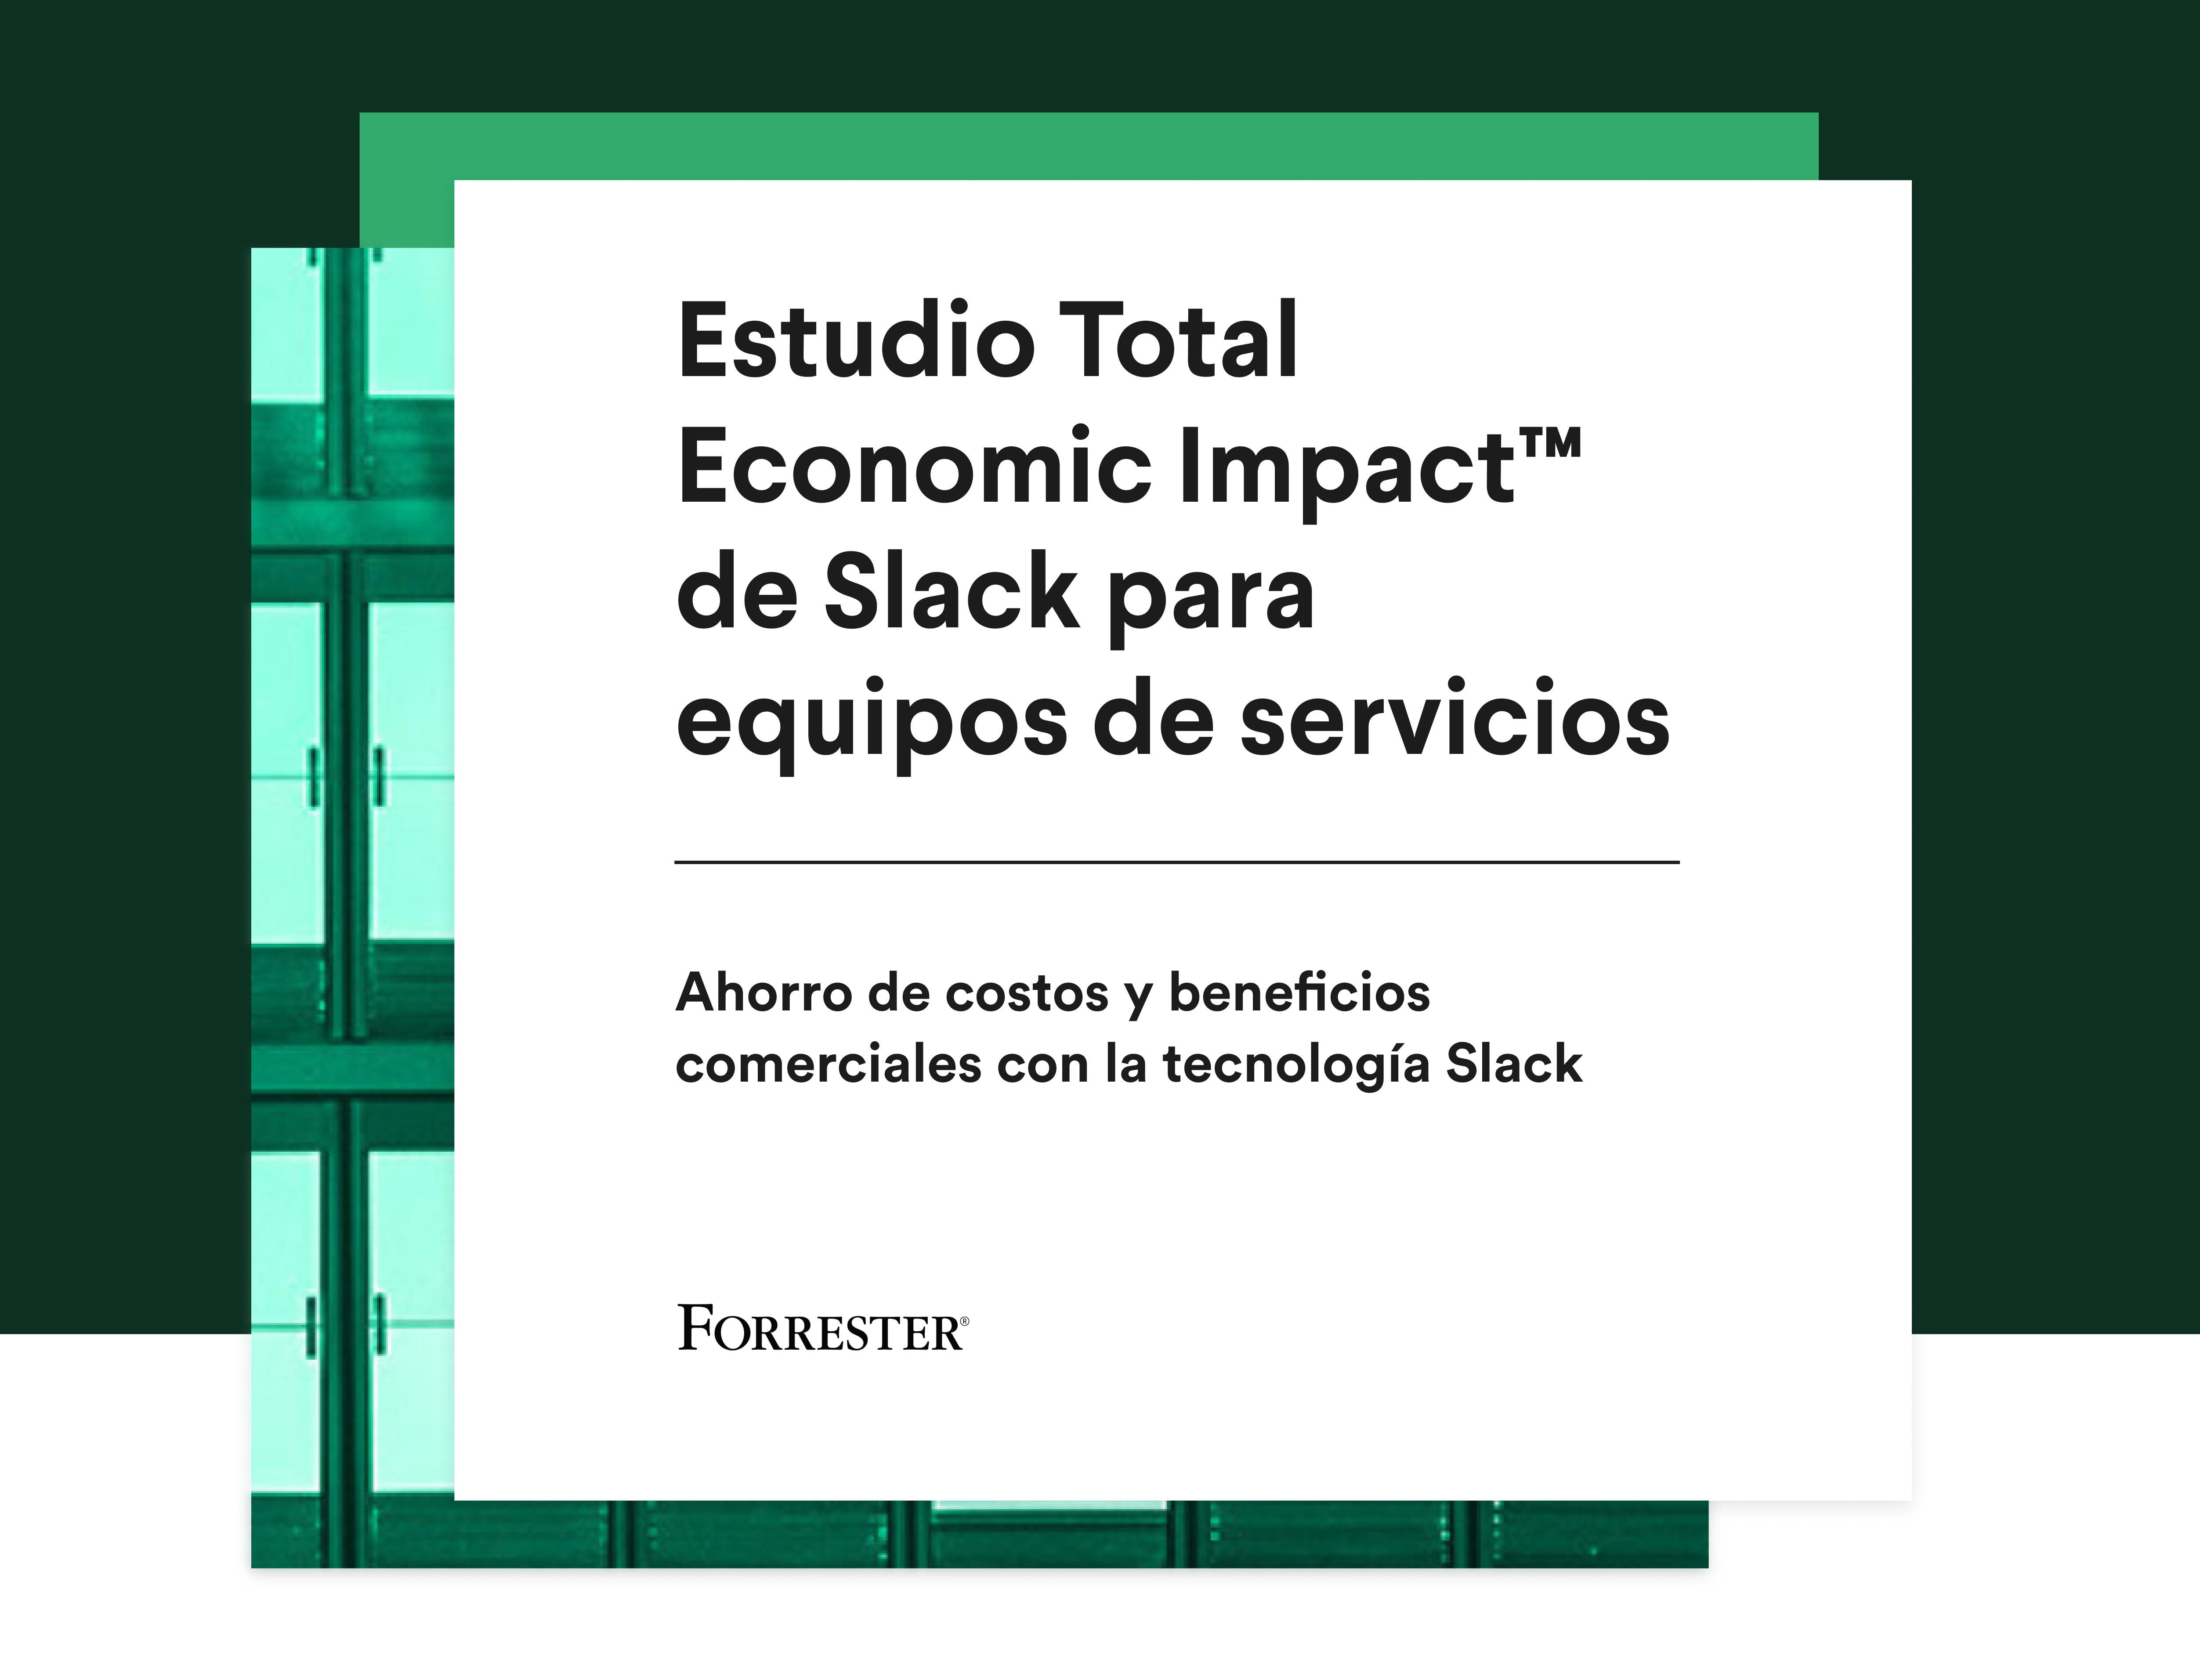 Portada del estudio The Total Economic Impact de Slack para equipos de servicios